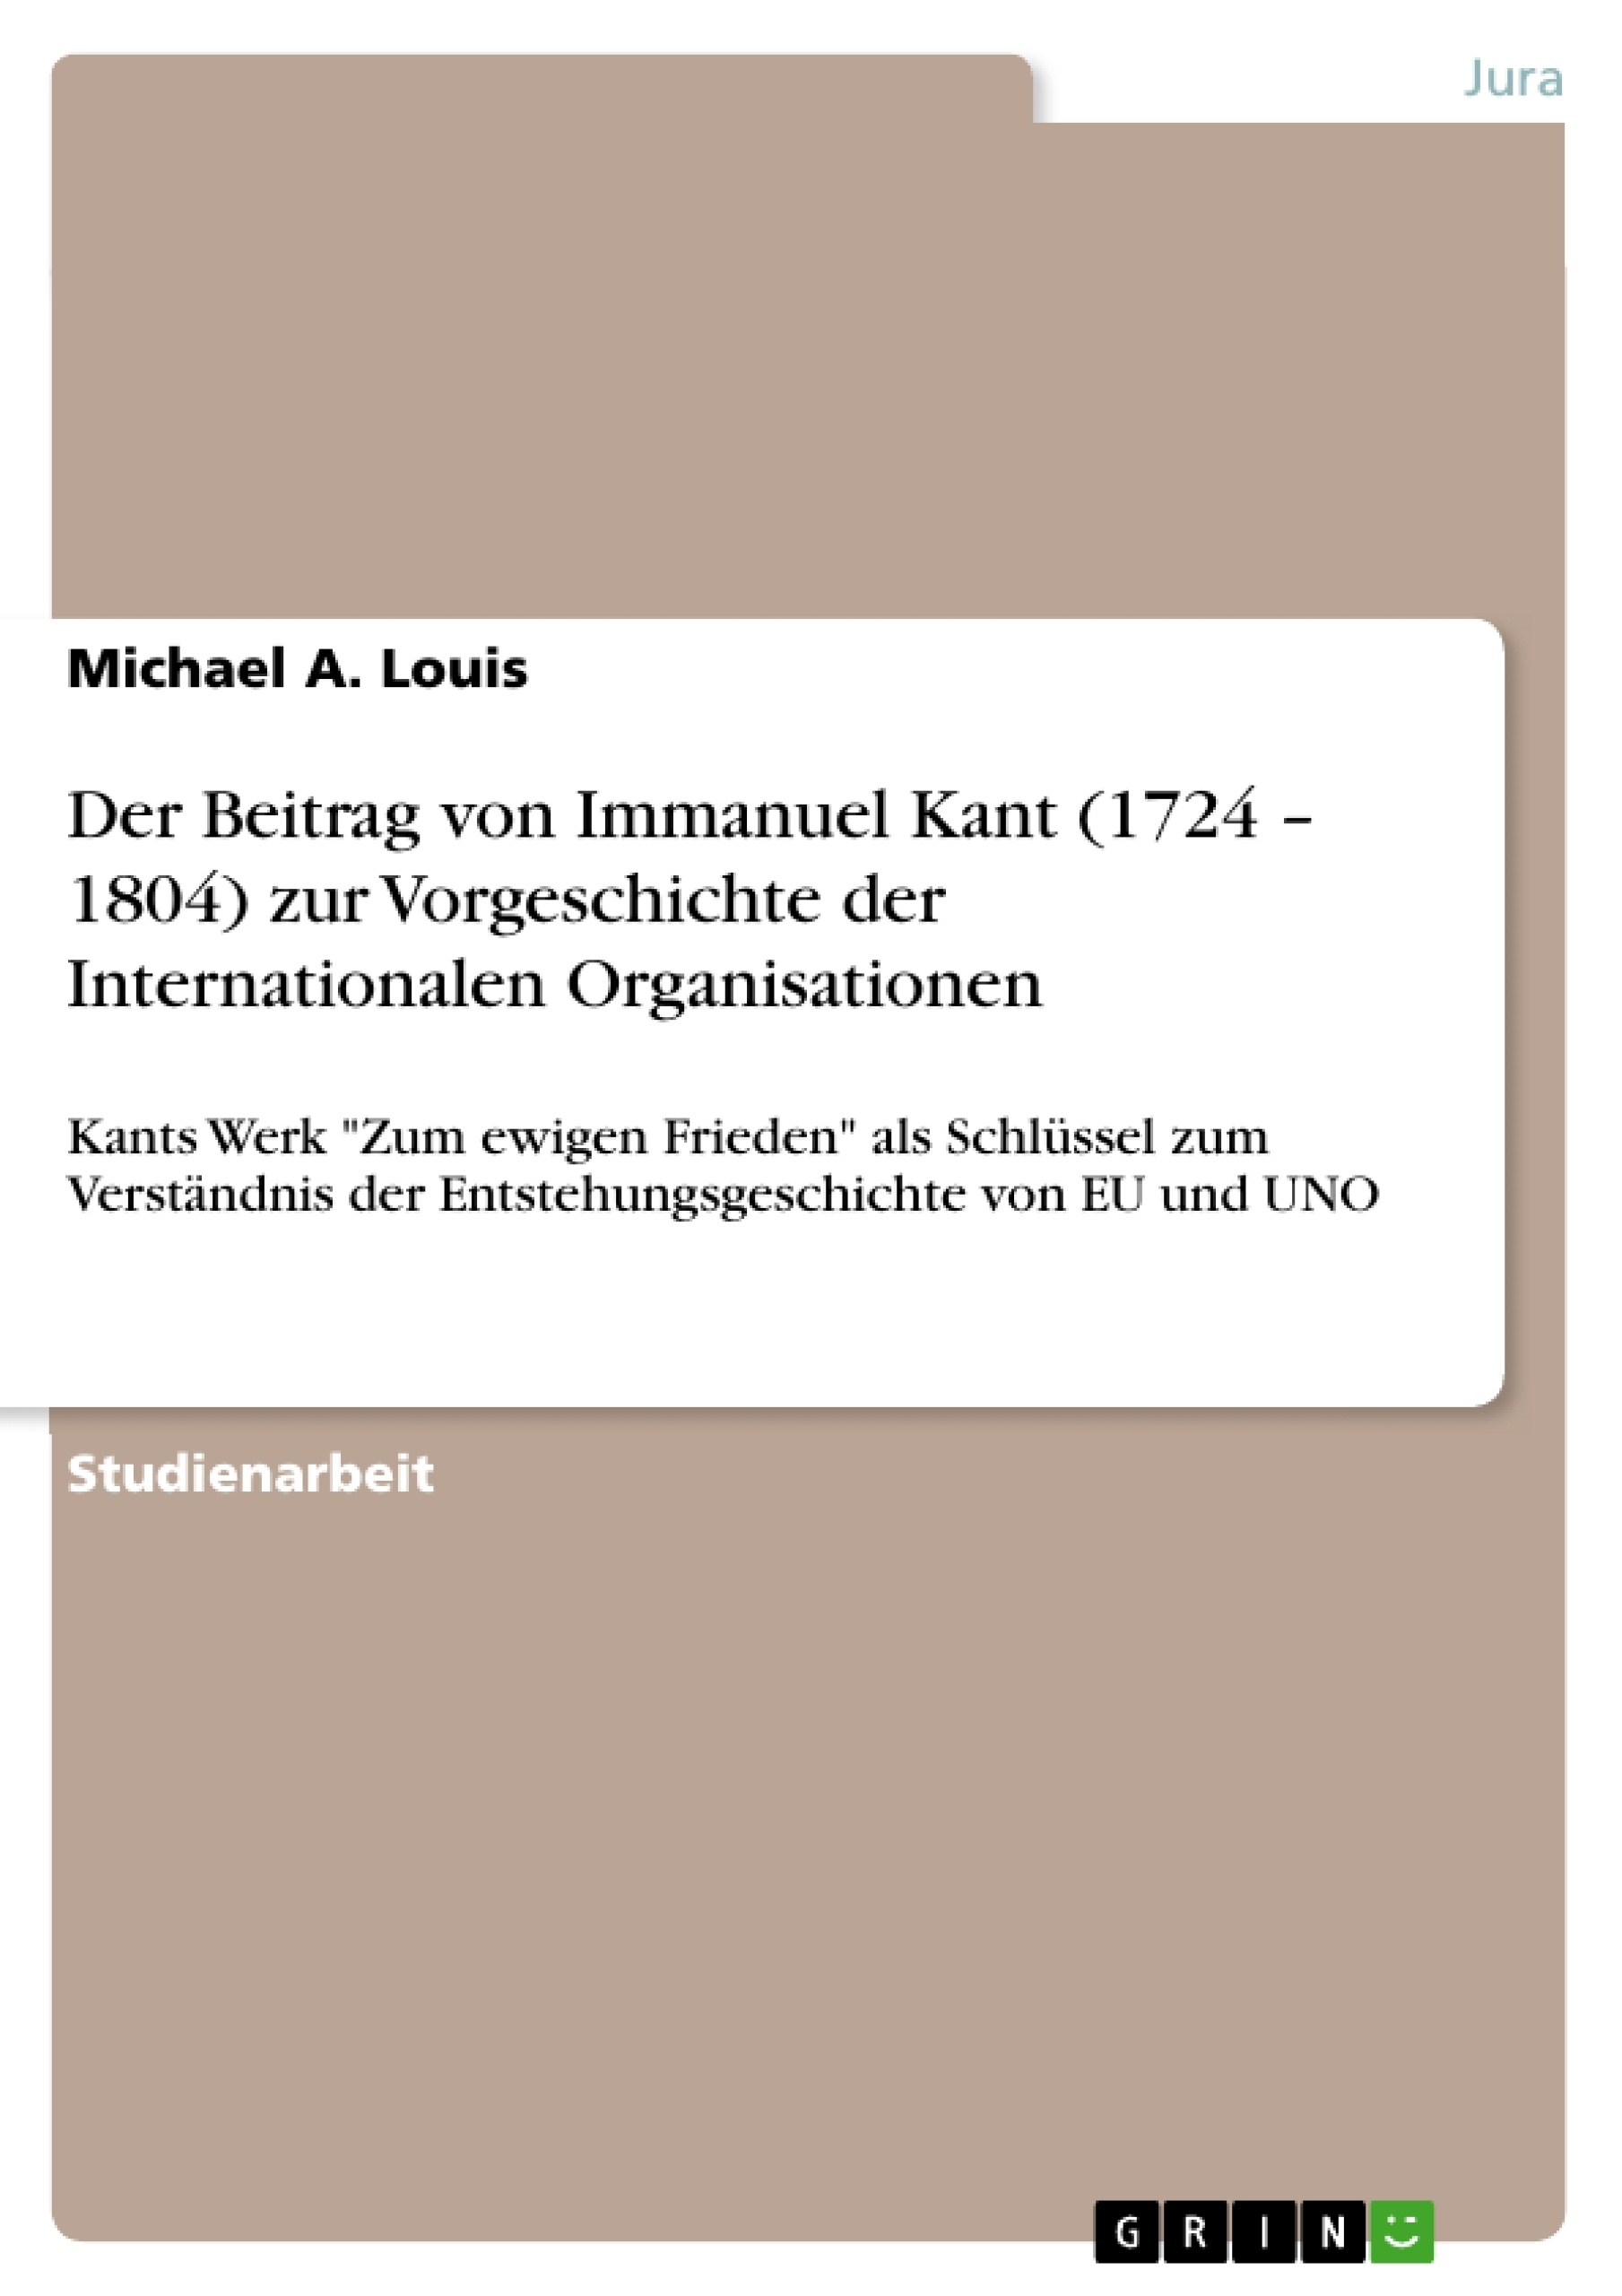 Titel: Der Beitrag von Immanuel Kant (1724 – 1804) zur Vorgeschichte der Internationalen Organisationen